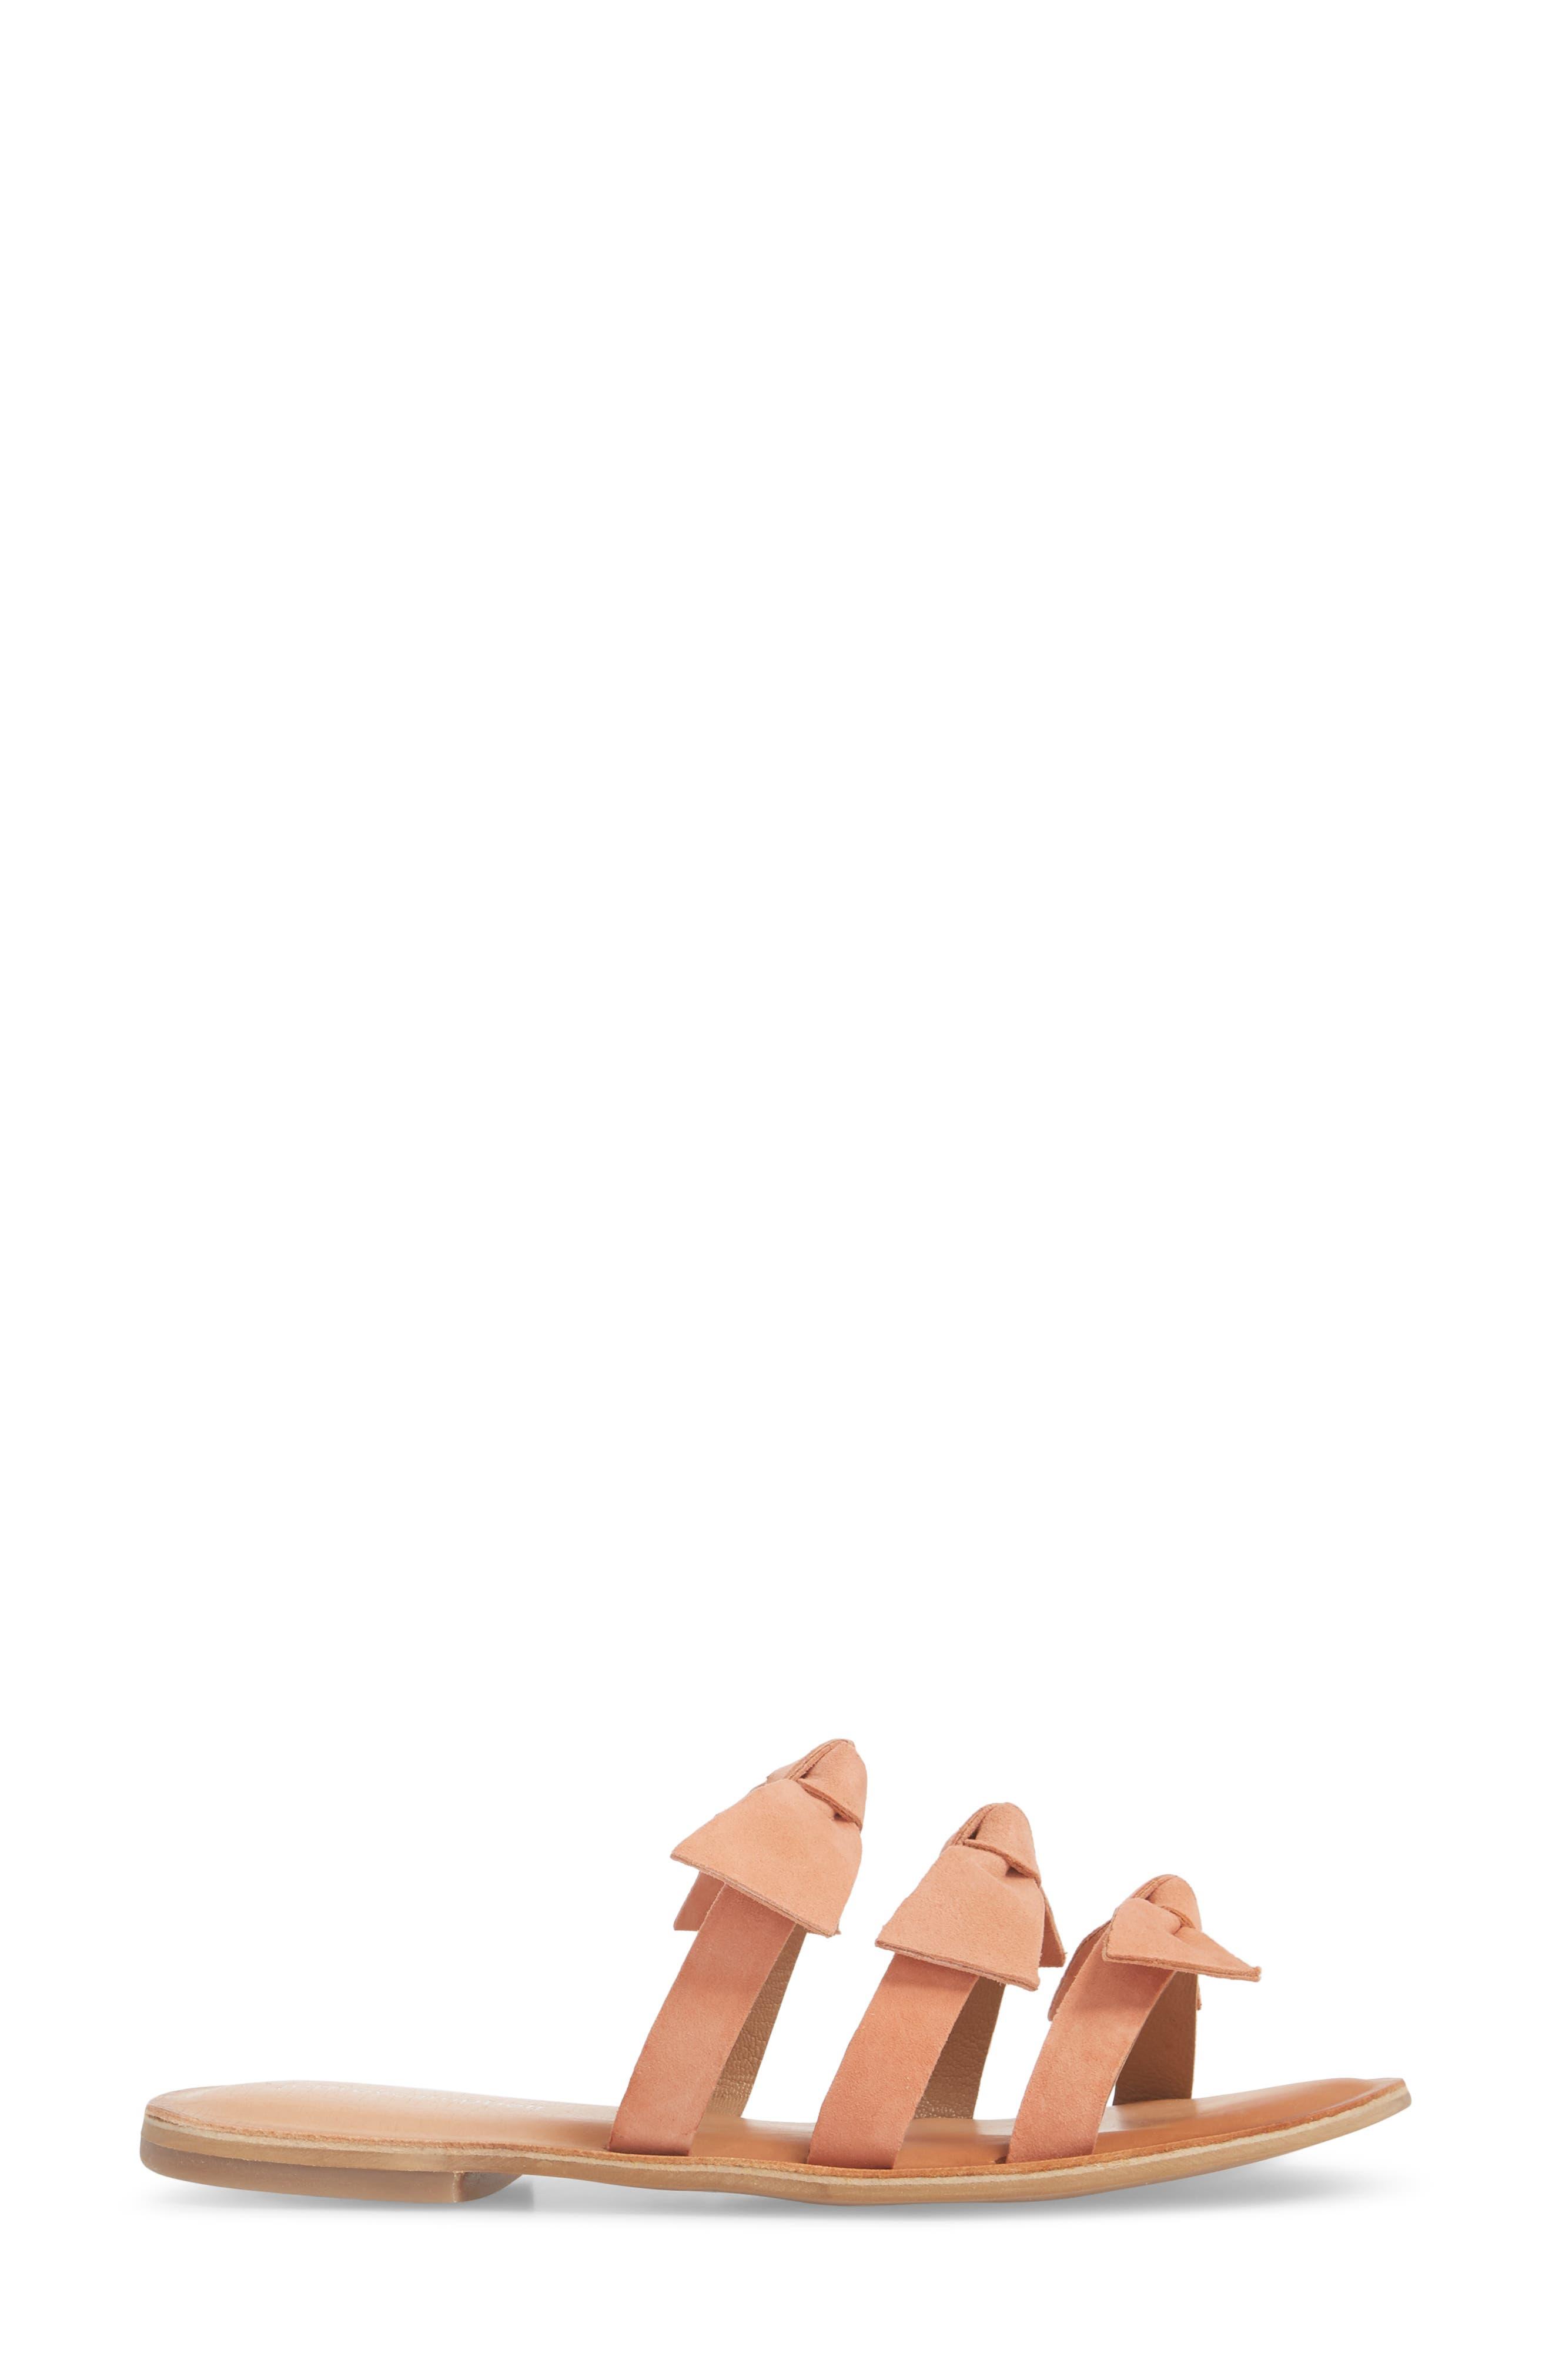 Atone Sandal,                             Alternate thumbnail 14, color,